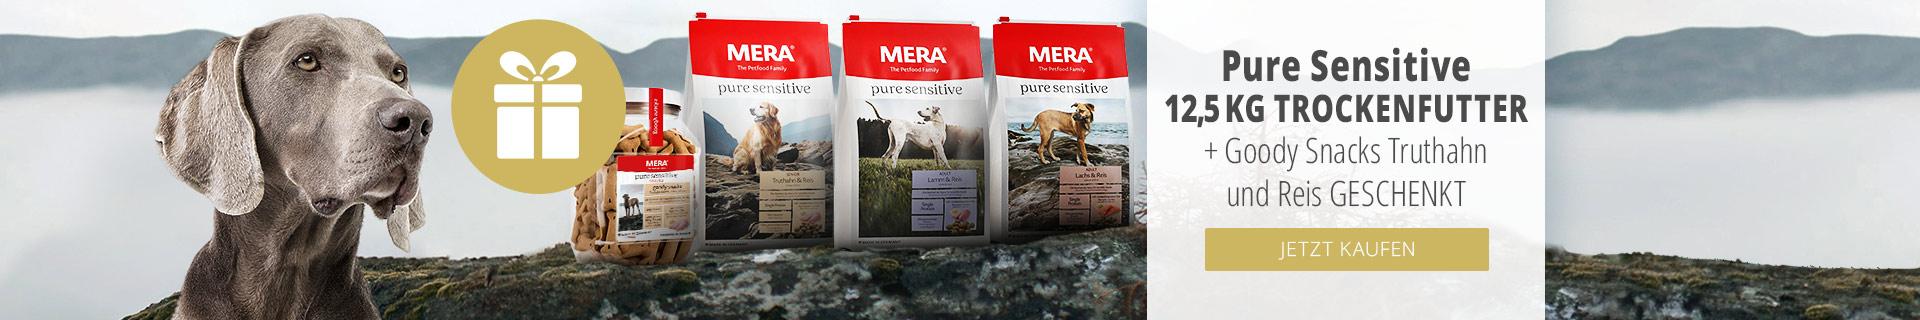 Mera 12,5kg Purse Sensitiv Trockenfutter + Mera Goody Snack gratis Hund